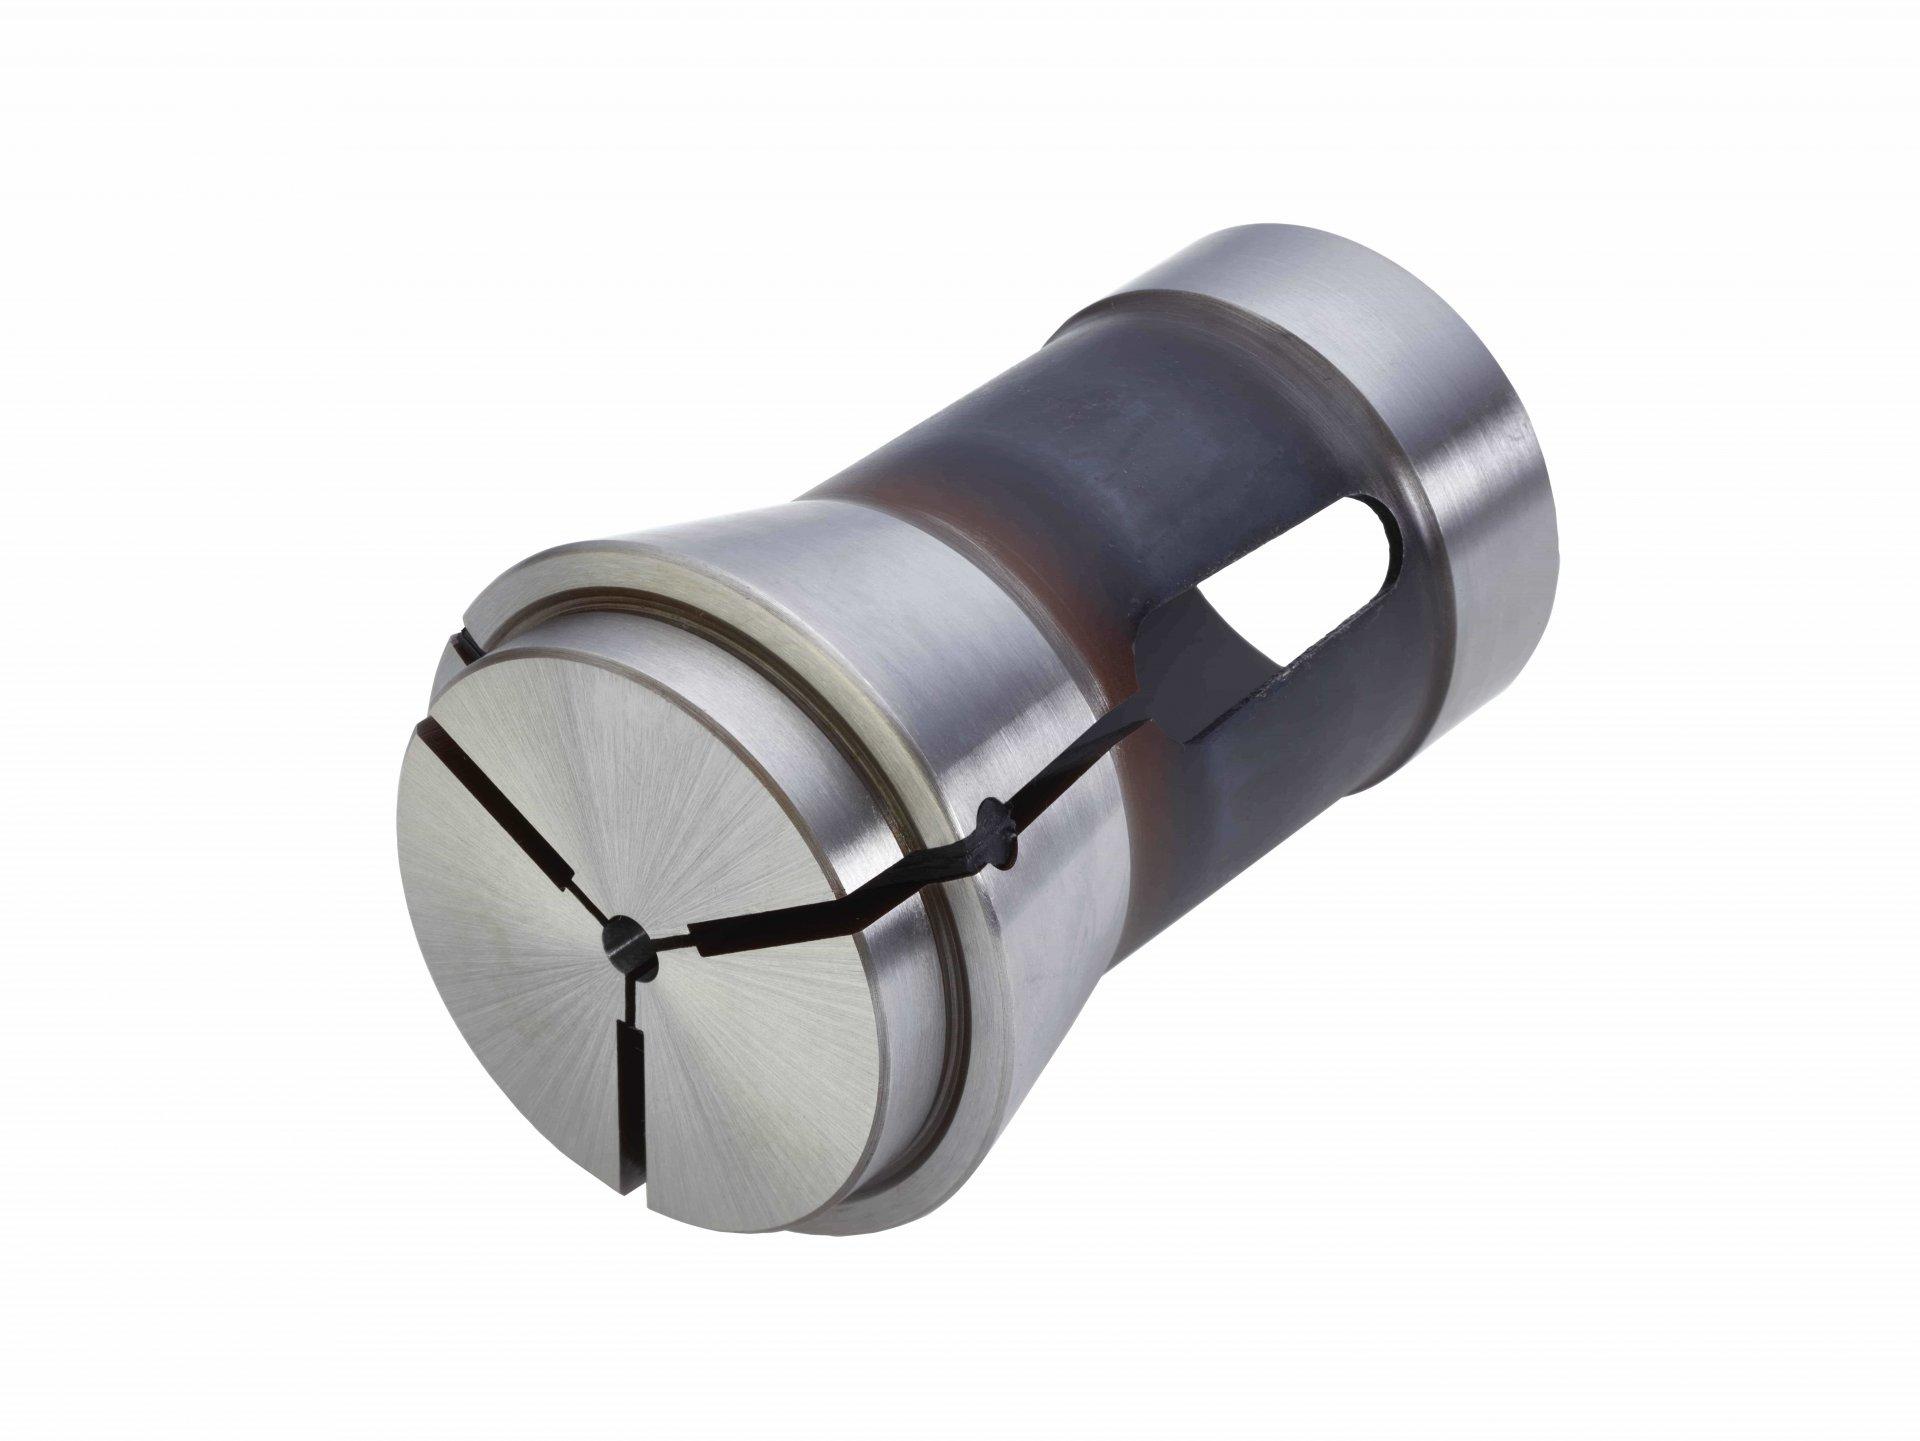 Spannzange 140E - verschiedene Durchmesser